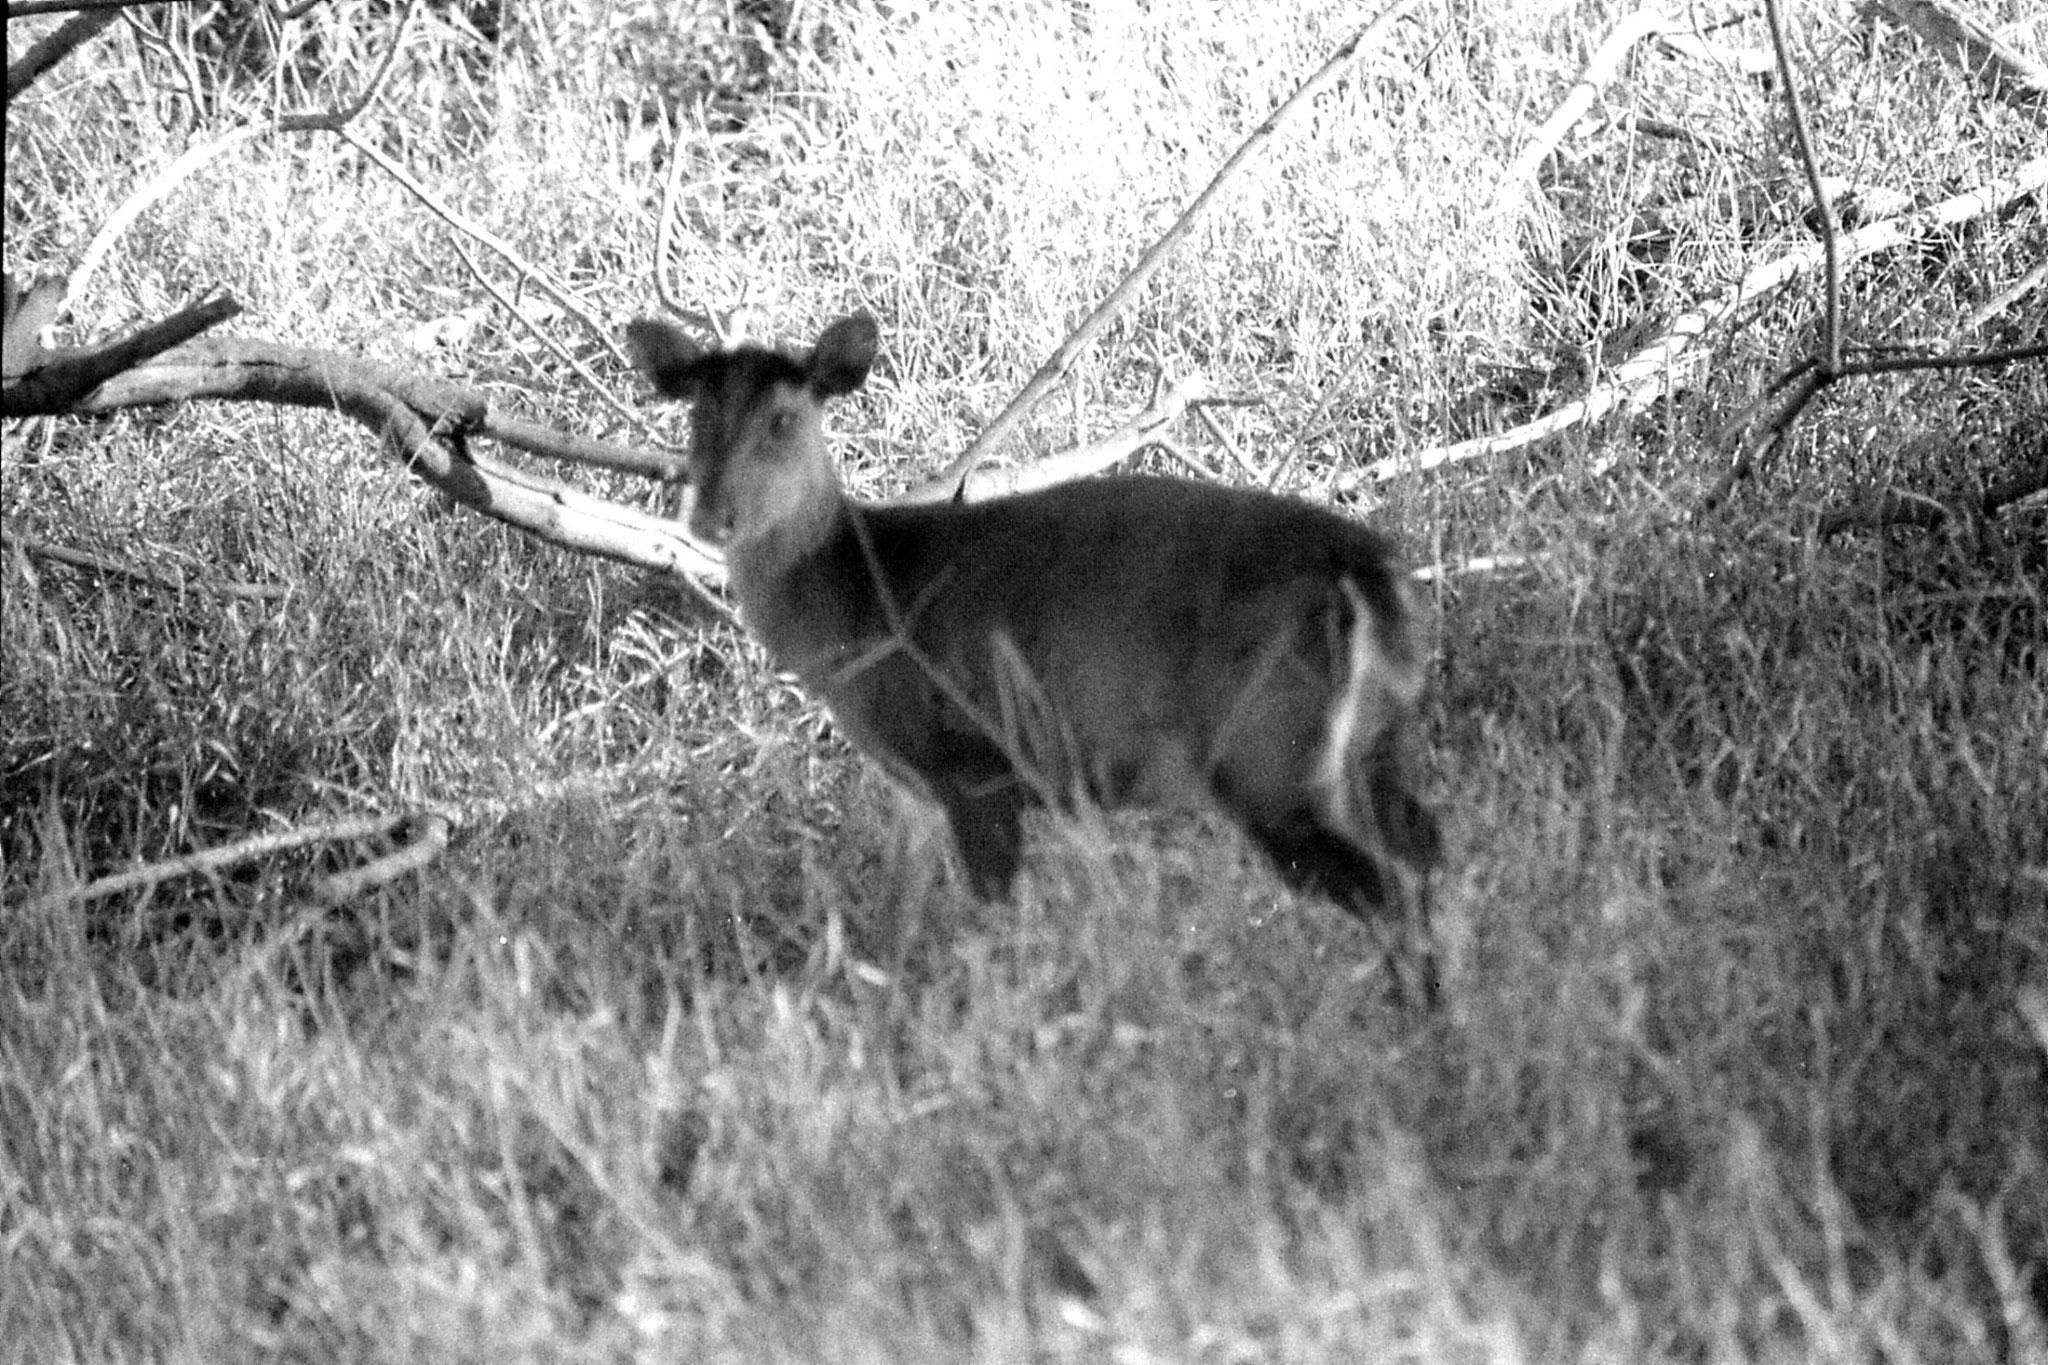 9/3/1990: 20: Nagarahole barking deer